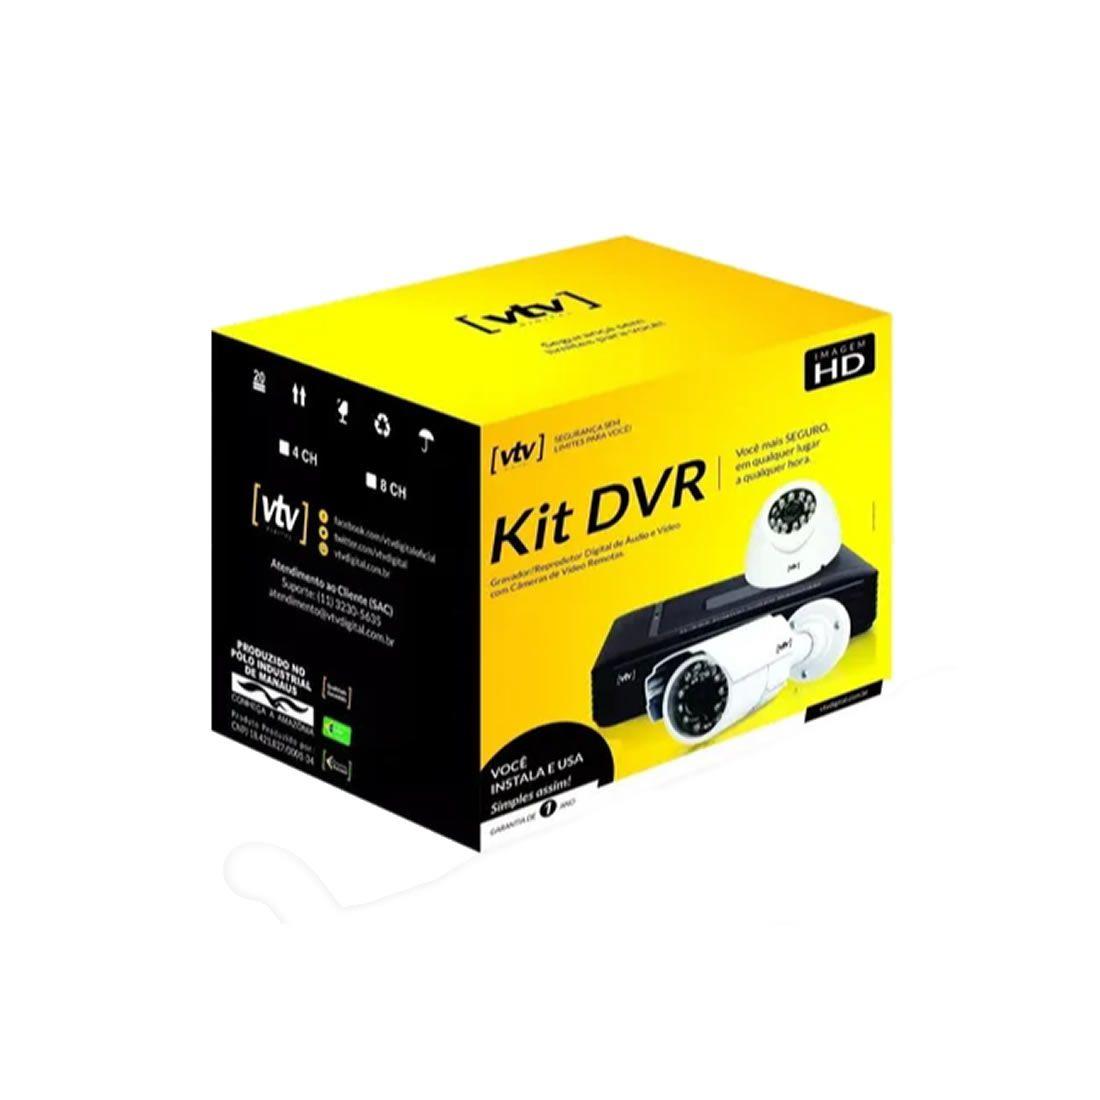 Kit DVR VTV 8 Canais AHD Com HD de 500GB